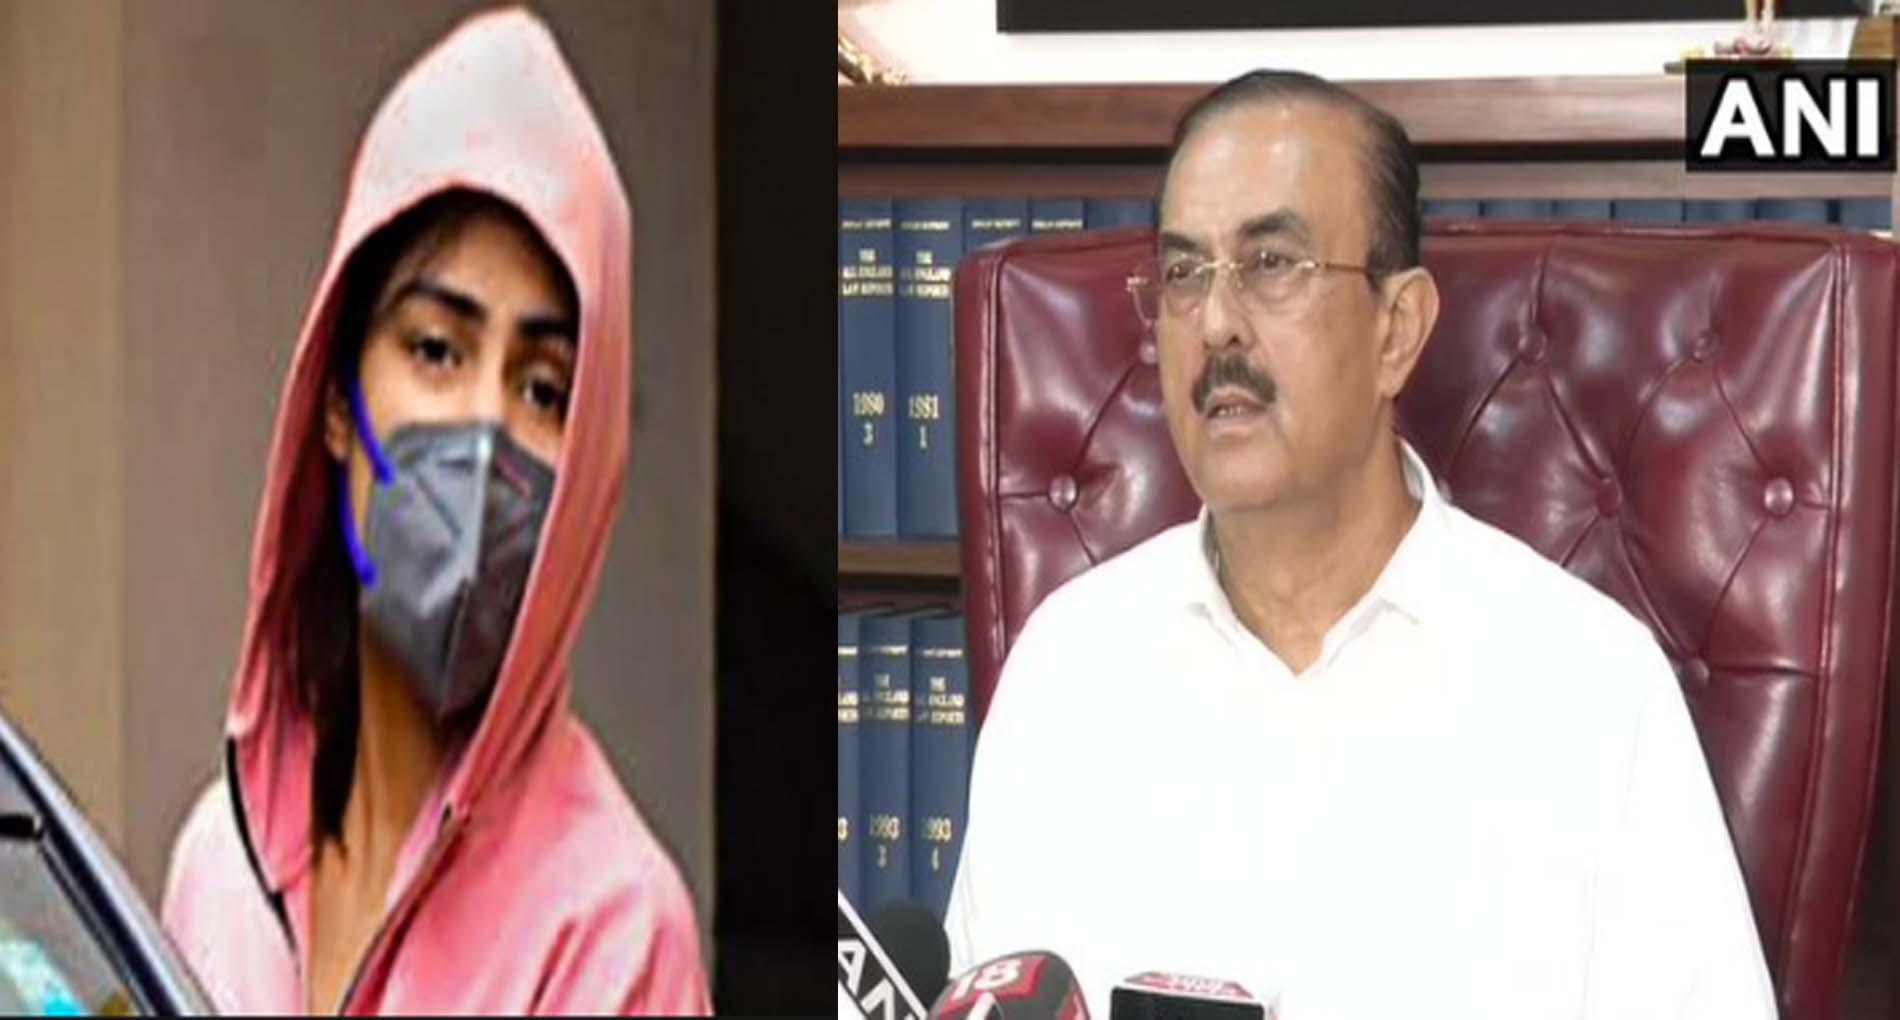 FIR दर्ज कराने पर विकास सिंह का आरोप, कहा-'शुरुआत से ही रिया को बचा रही है मुंबई पुलिस'